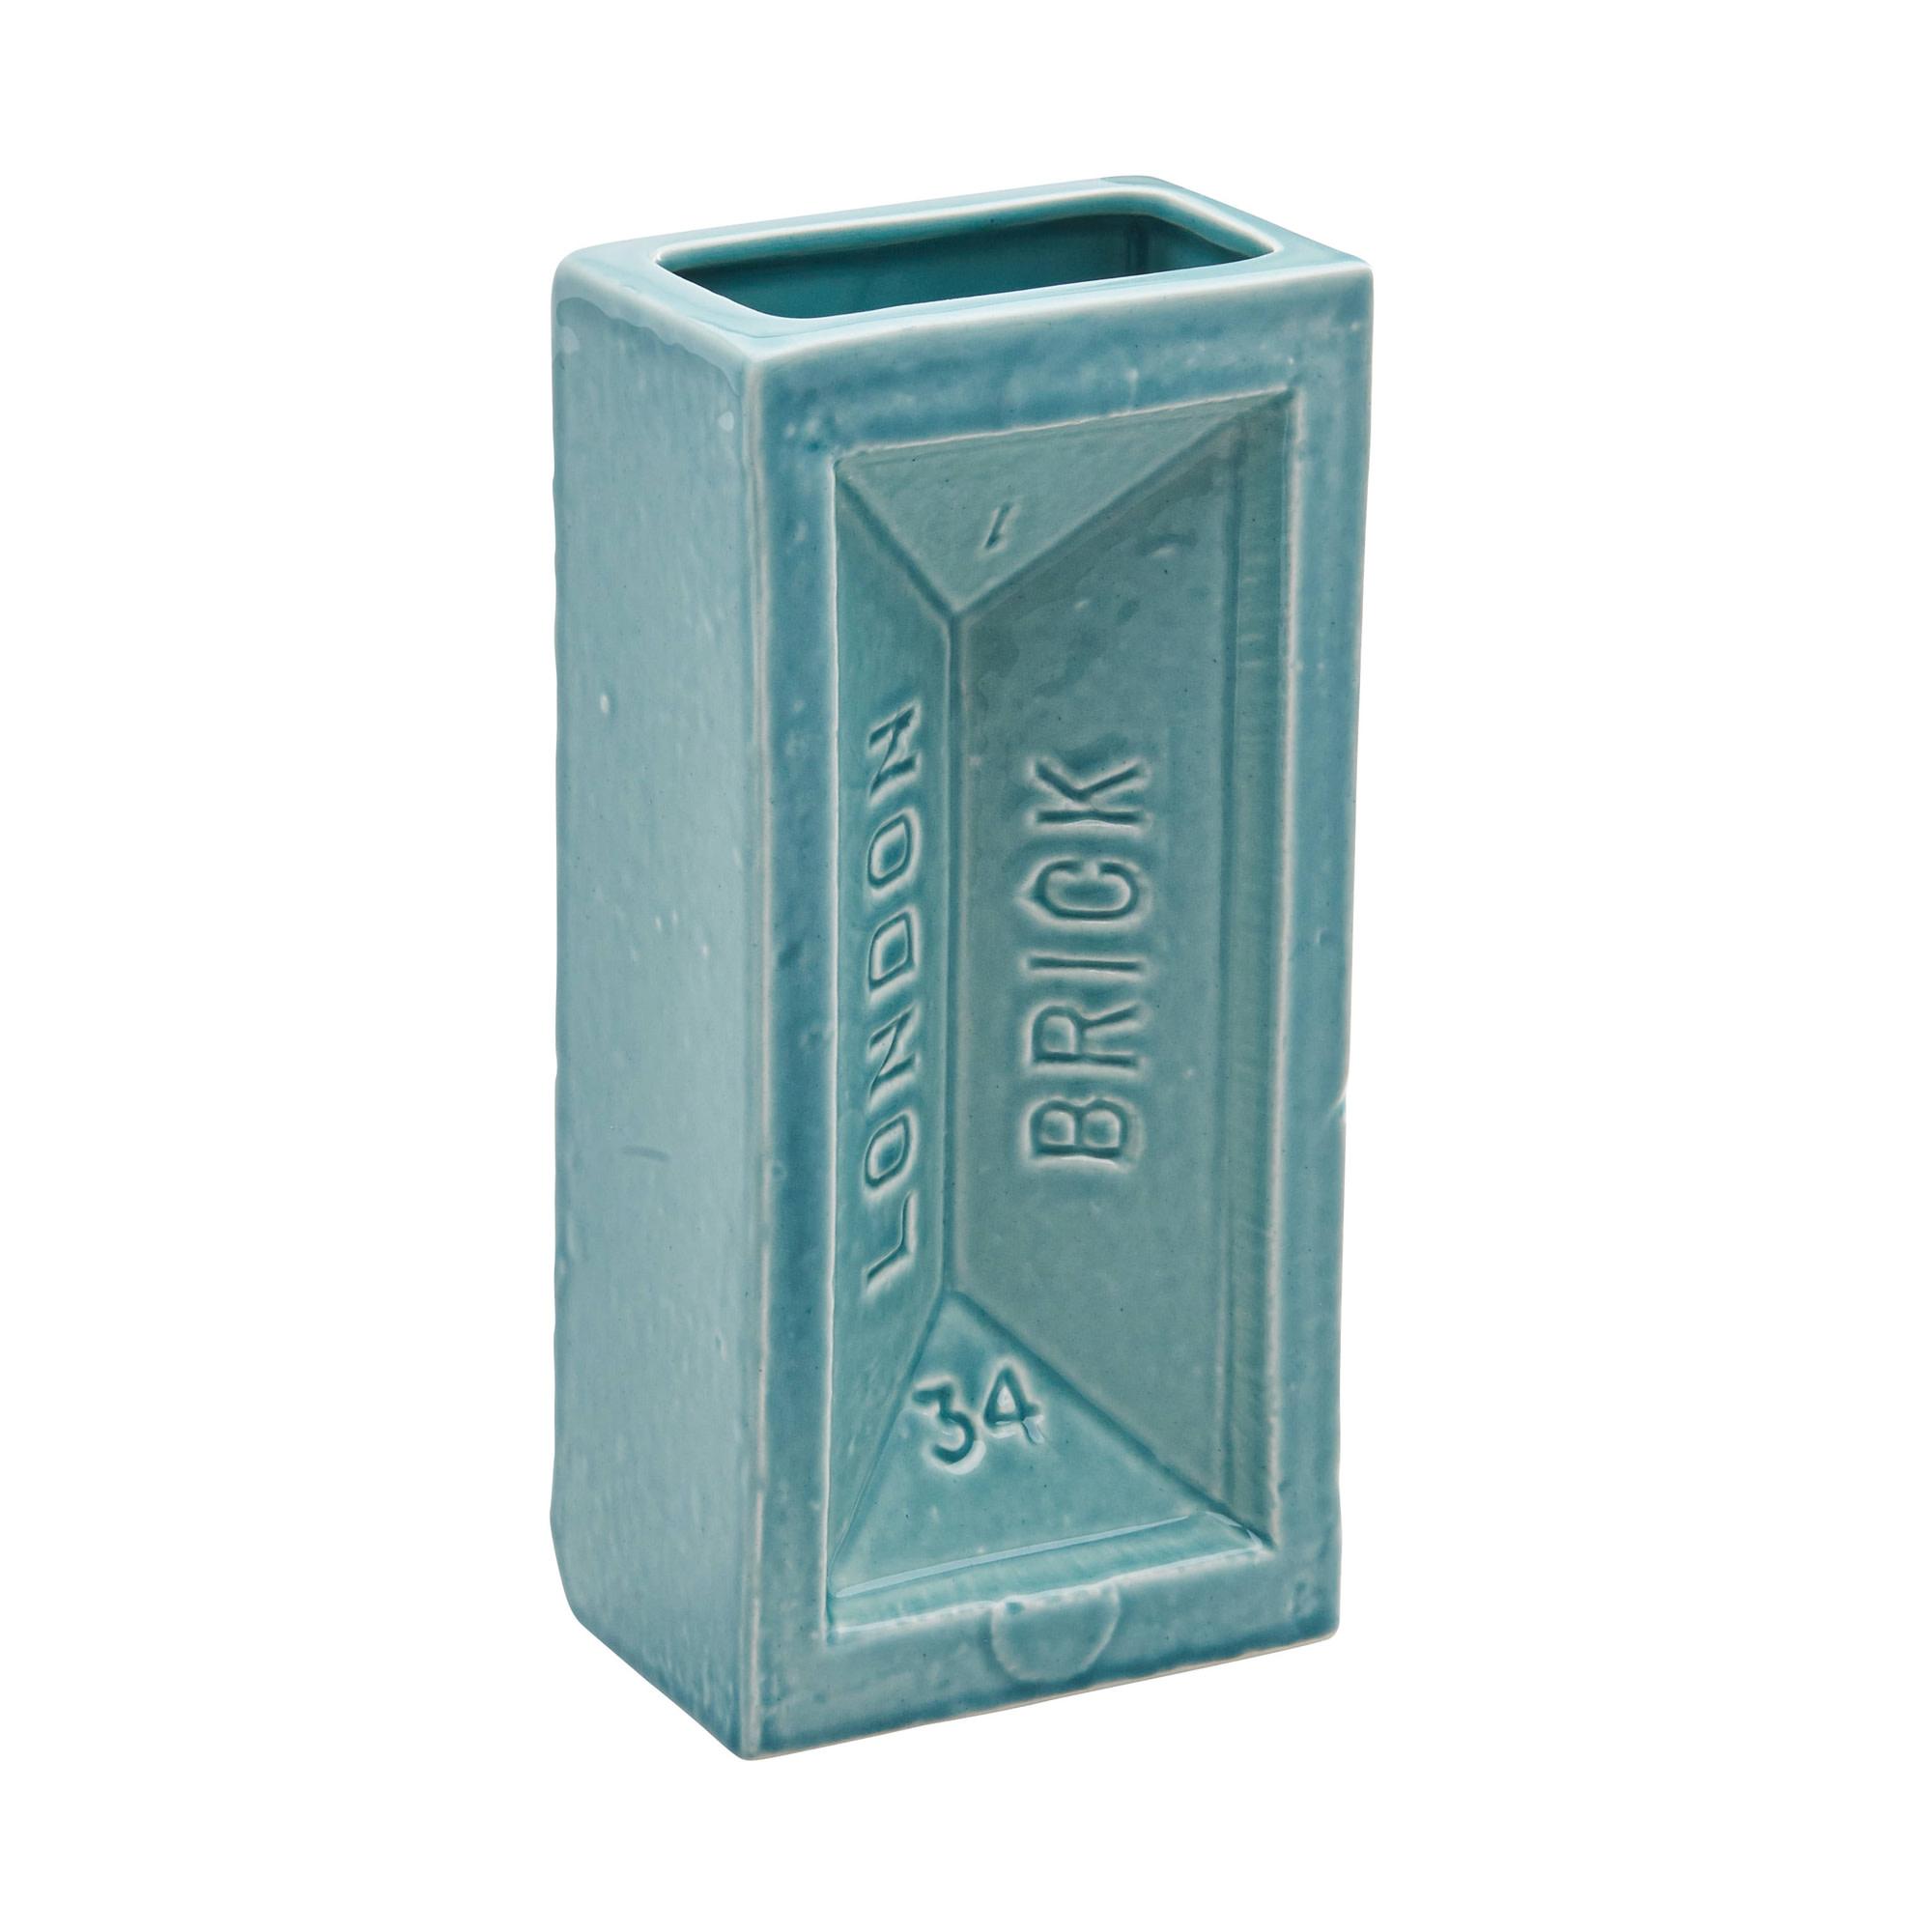 """<span class=""""link fancybox-details-link""""><a href=""""/artists/37-stolen-form/works/112-stolen-form-brick-vase-aqua/"""">View Detail Page</a></span><div class=""""artist""""><strong>Stolen Form</strong></div> <div class=""""title""""><em>Brick Vase - Aqua</em></div> <div class=""""medium"""">Ceramic</div> <div class=""""dimensions"""">20 x 10 x 6 cm</div> <div class=""""edition_details""""></div><div class=""""price"""">£26.67</div>"""